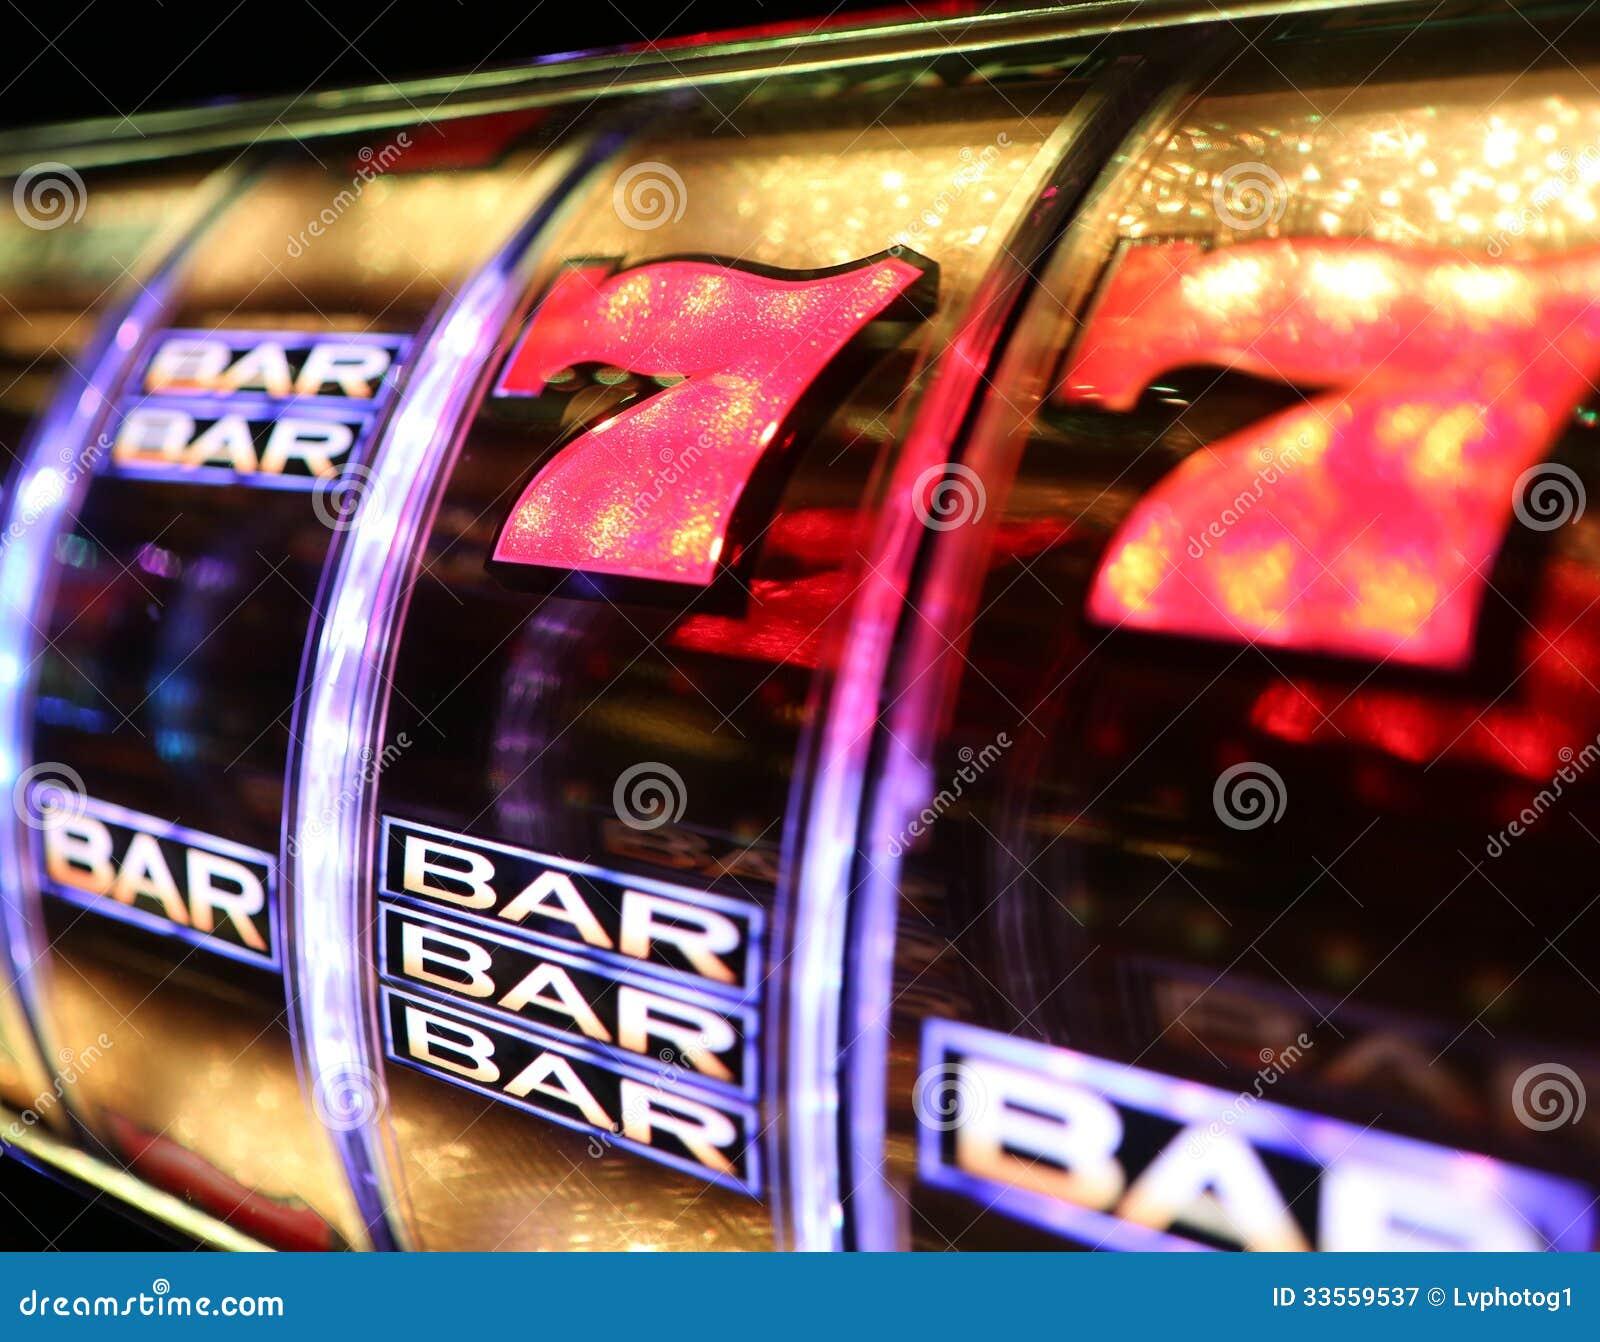 aftershock slot machine pictures las vegas